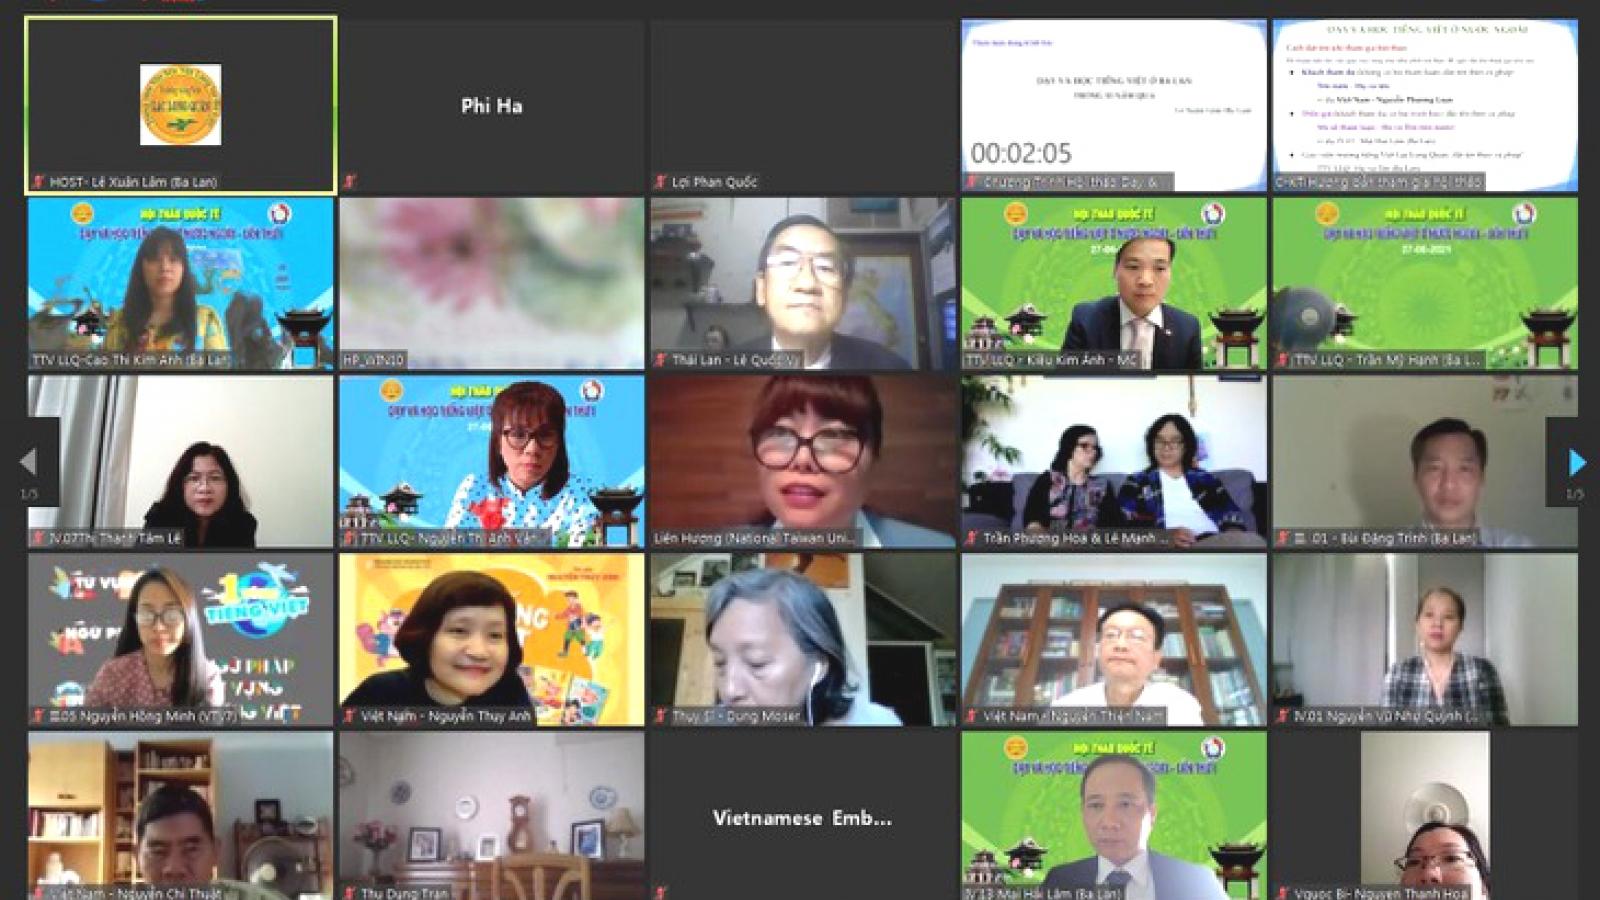 Chia sẻ kinh nghiệm dạy và học tiếng Việt từ nhiều quốc gia